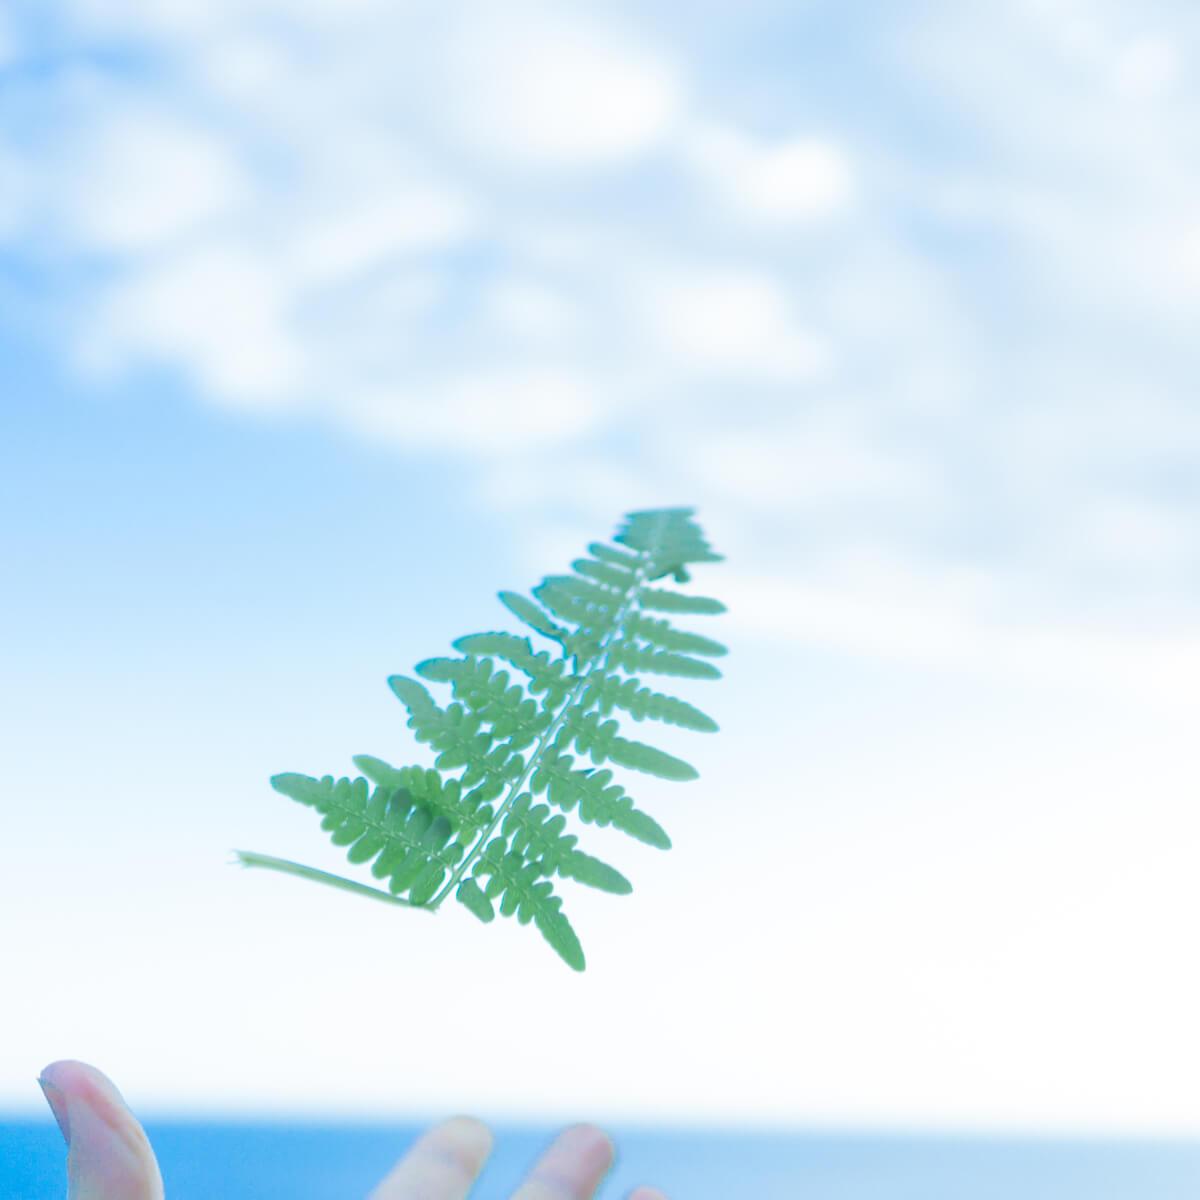 屋久島の海空 屋久島のシダの葉っぱ 屋久島日々の暮らしとジュエリー 屋久島でつくる結婚指輪